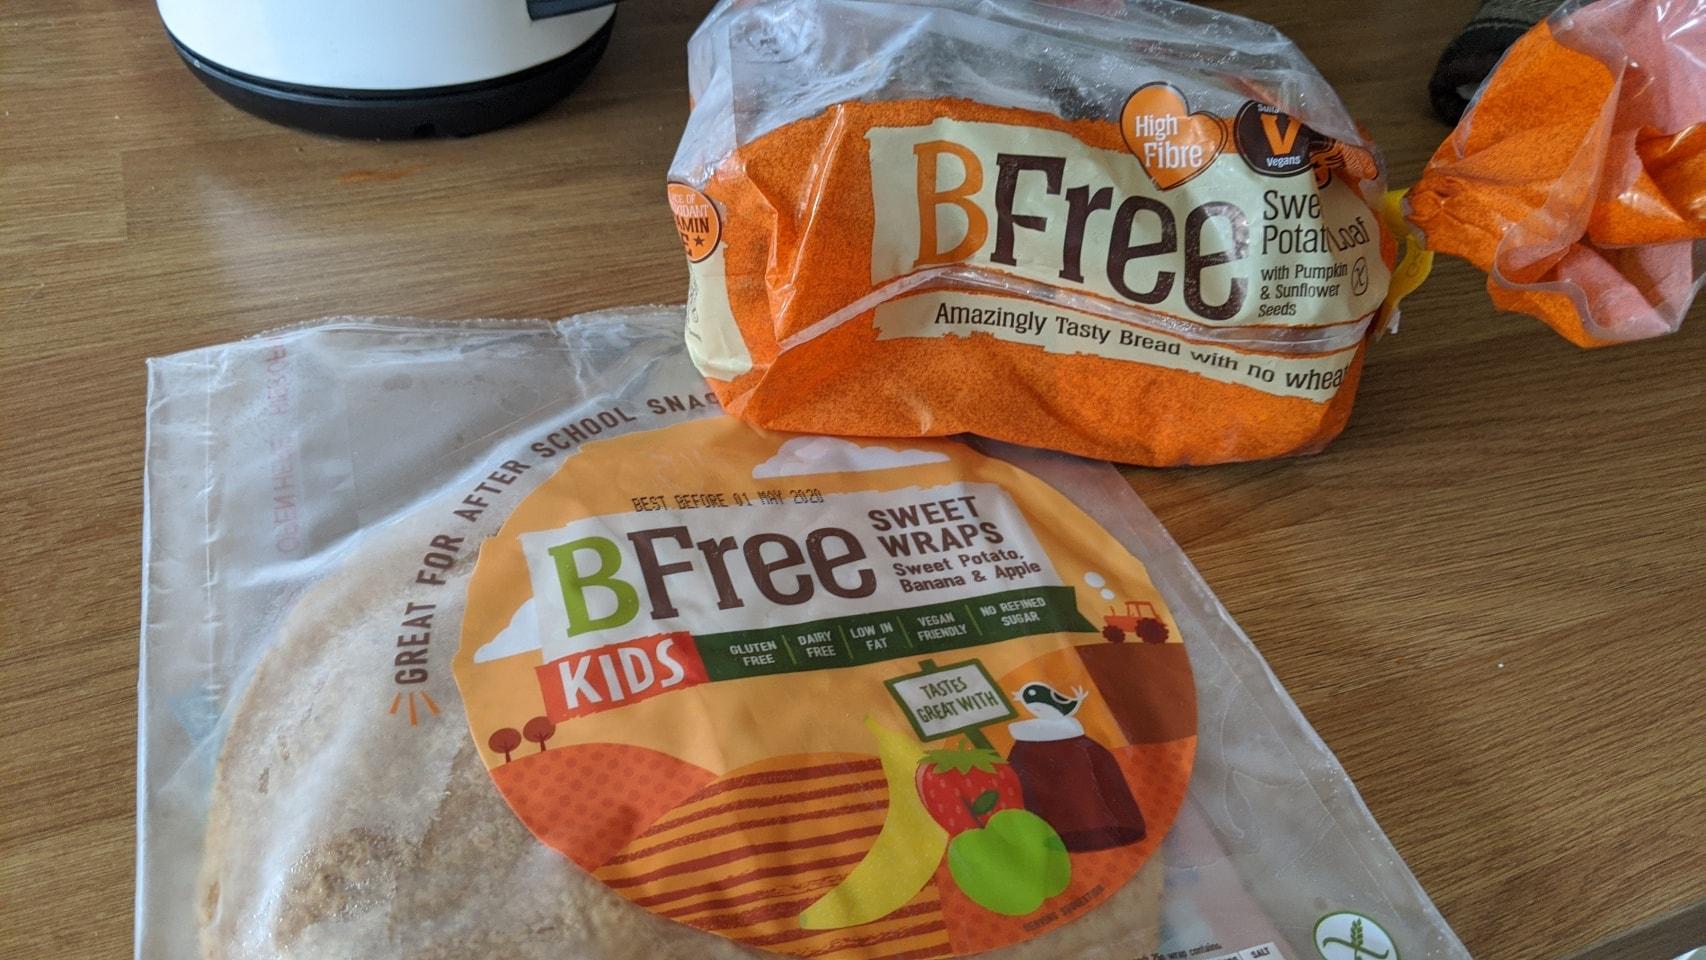 Gluten free bread X 3, gluten free sweet wraps X 10